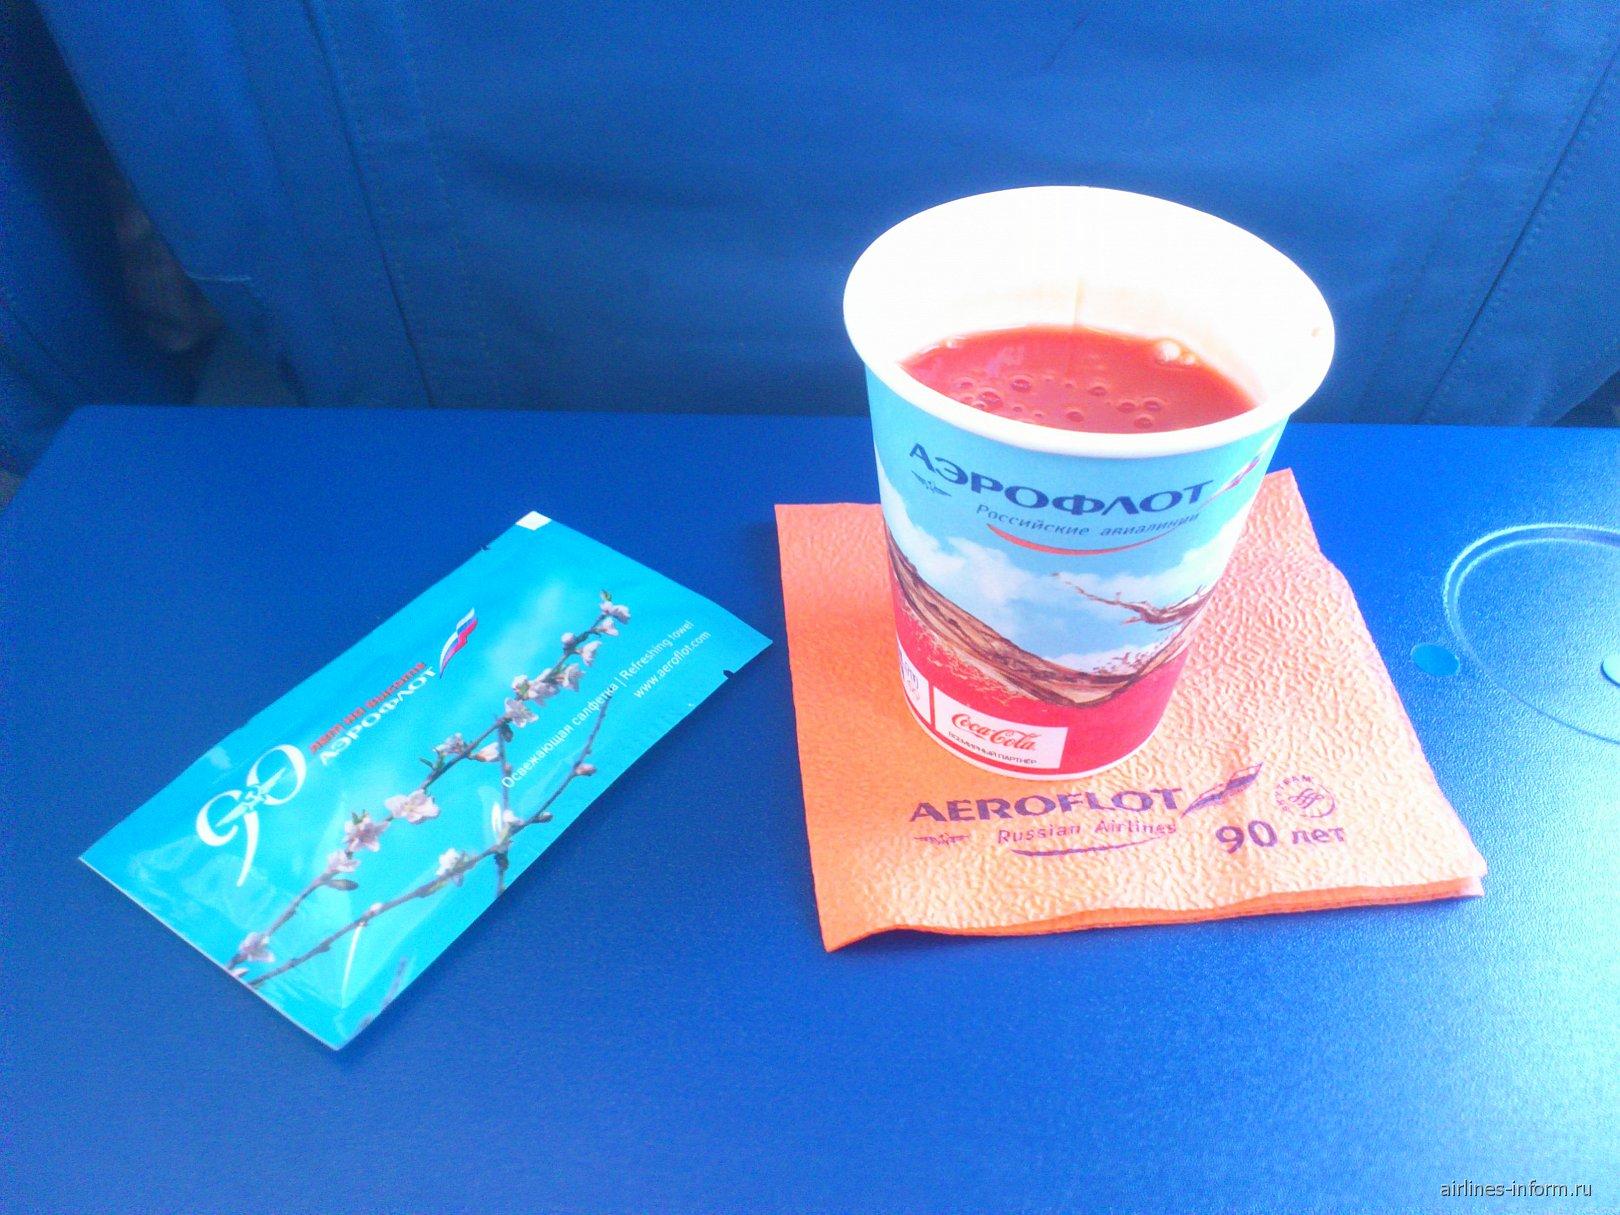 Прохладительные напитки на рейсе Аэрофлота